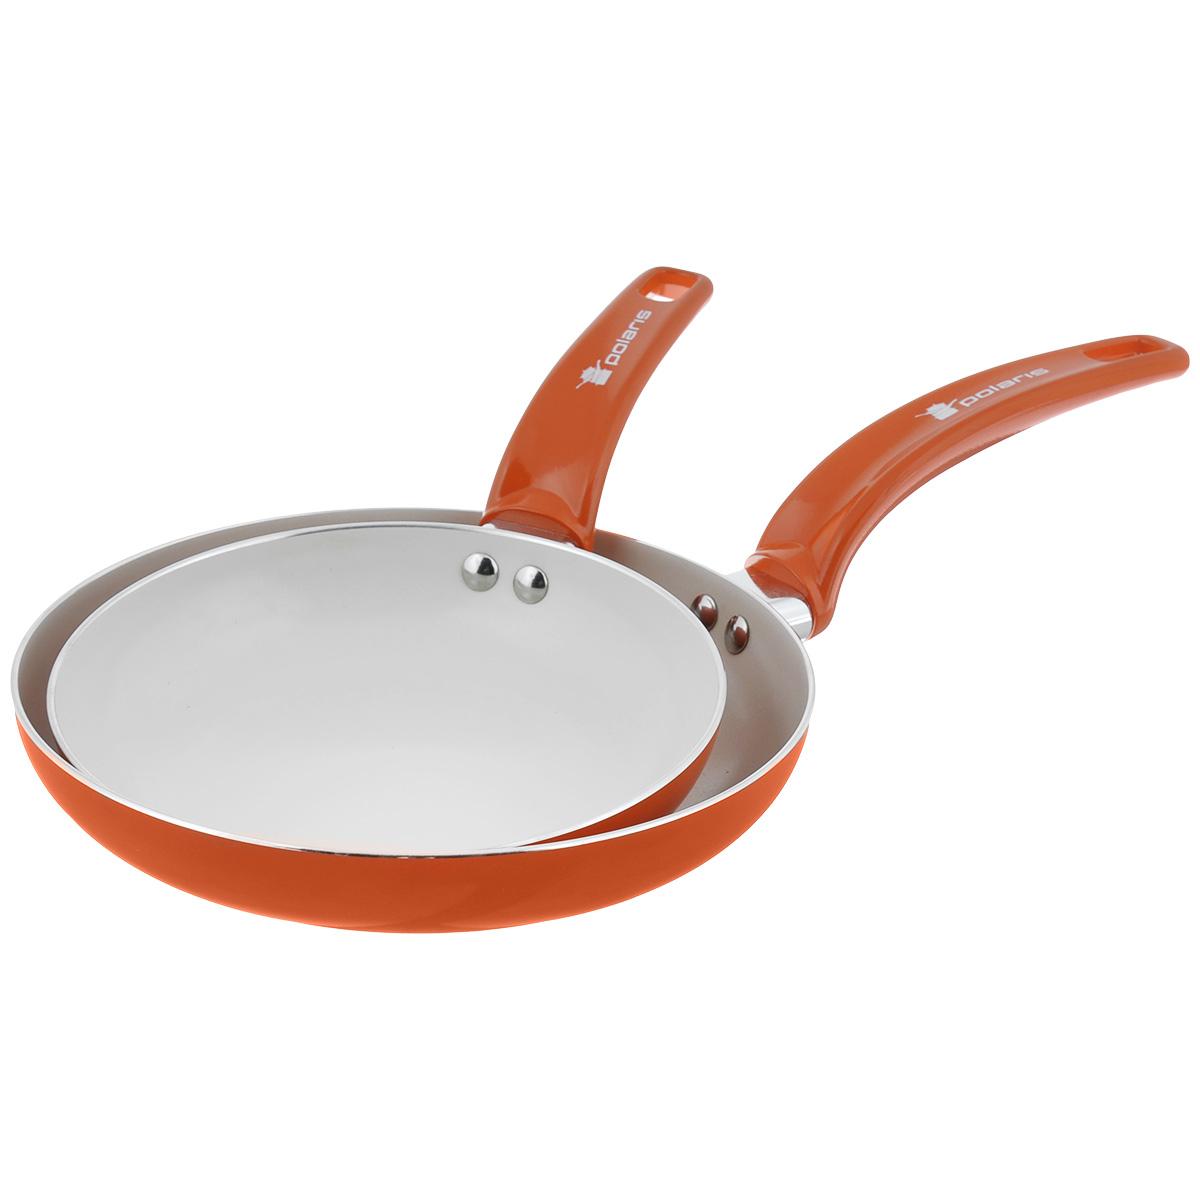 Набор сковород Polaris Rainbow, с керамическим покрытием, цвет: оранжевый, 2 штRain-2024FНабор Polaris Rainbow включает две сковородки разного диаметра, выполненные из штампованного алюминия с керамическим антипригарным покрытием. Покрытие экологично, не содержит примеси PFOA и PTFE. Эргономичная ручка из бакелита не нагревается в процессе эксплуатации. Изделия подходят для всех типов плит, кроме индукционных. Можно мыть в посудомоечной машине. Диаметр сковород (по верхнему краю): 20 см, 24 см. Высота стенки сковород: 4 см, 4,5 см. Длина ручки сковород: 16 см, 18 см. Толщина стенки: 2,5 мм. Толщина дна: 3 мм.